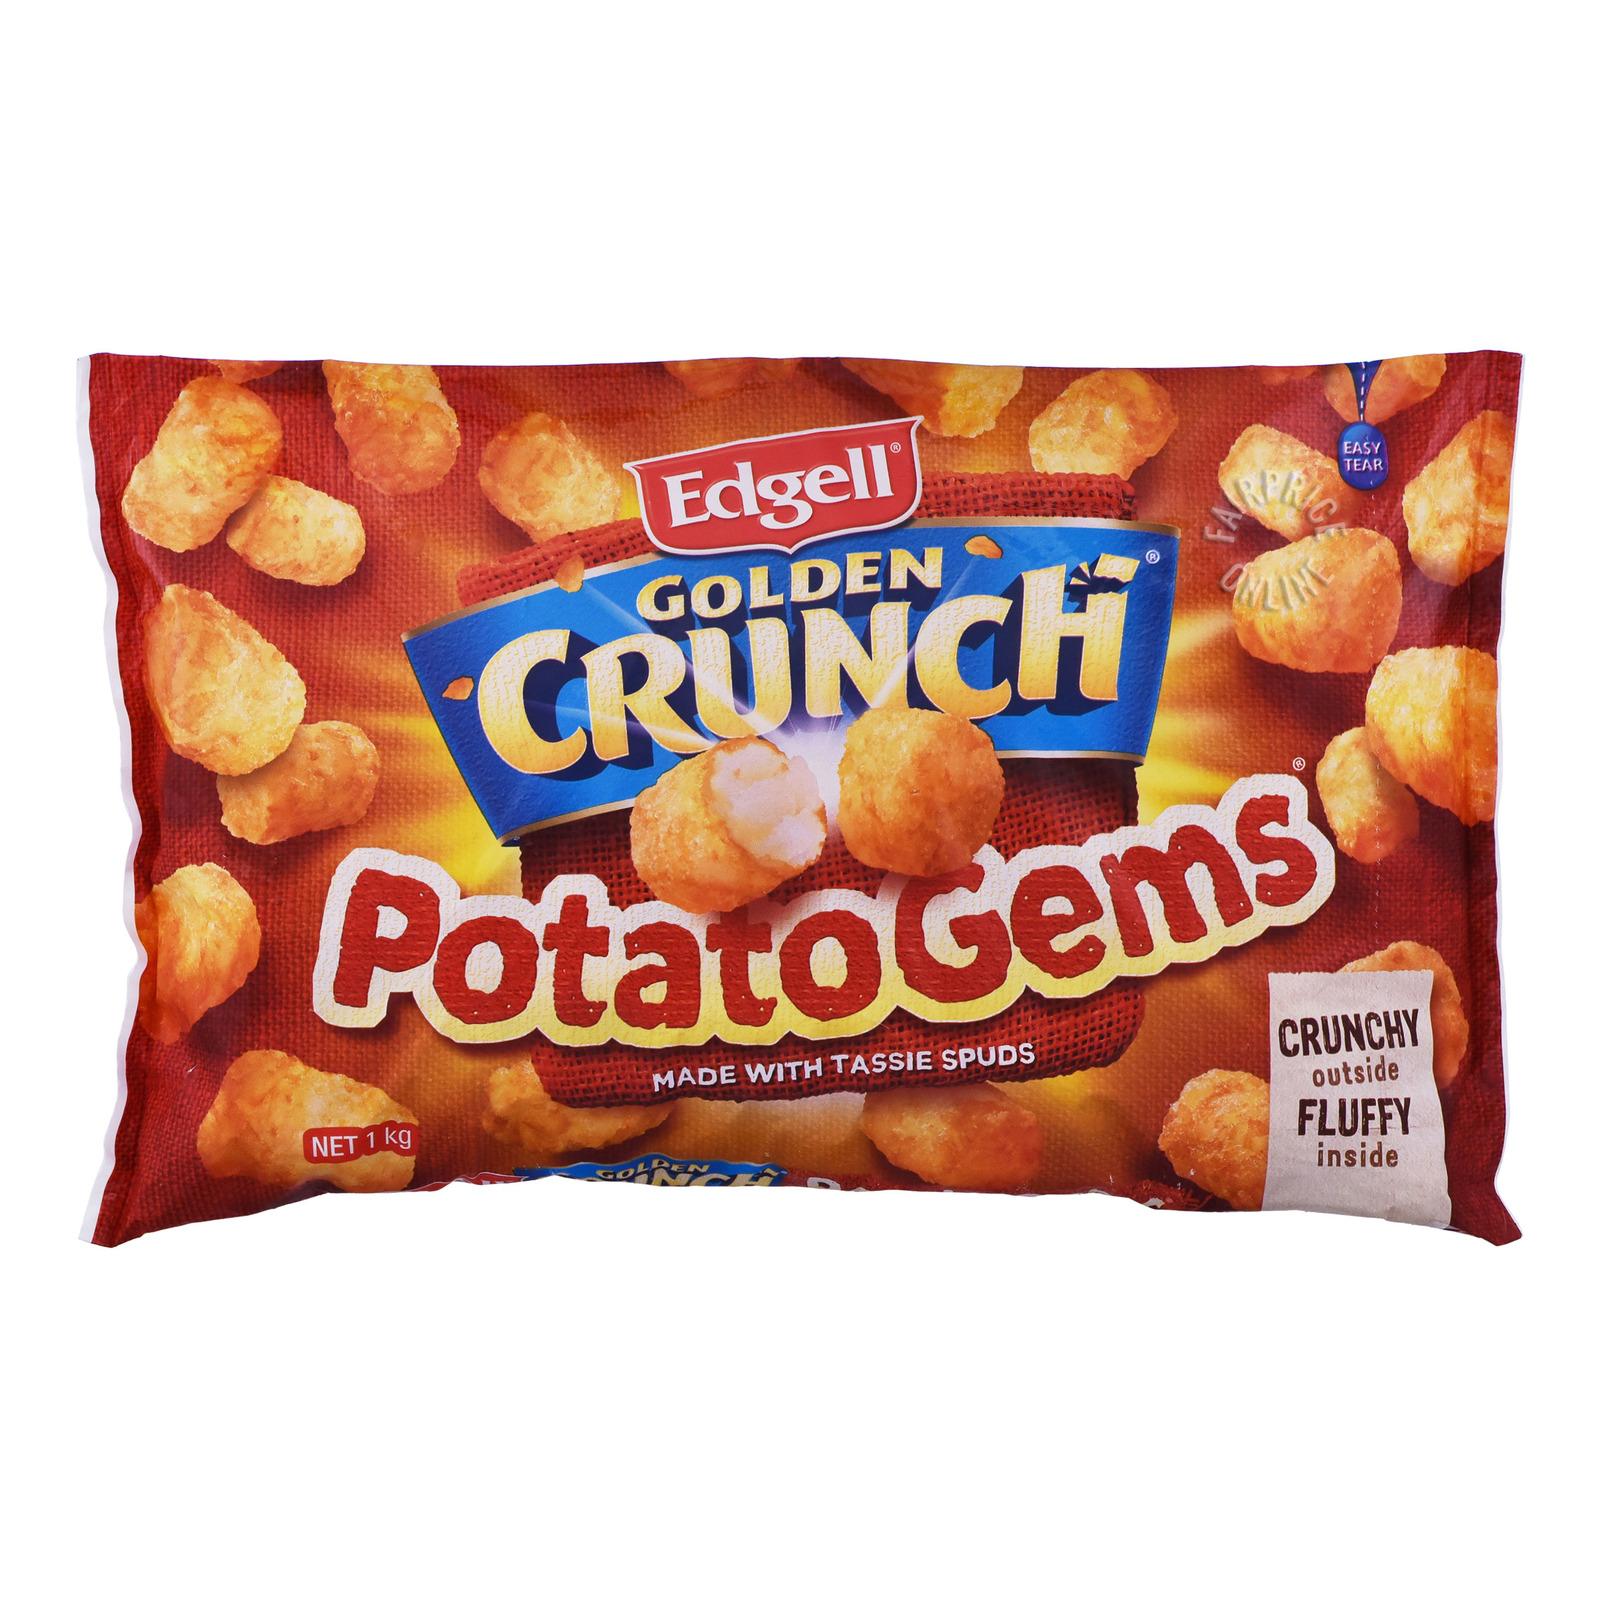 Edgell Golden Crunch Potato Gems